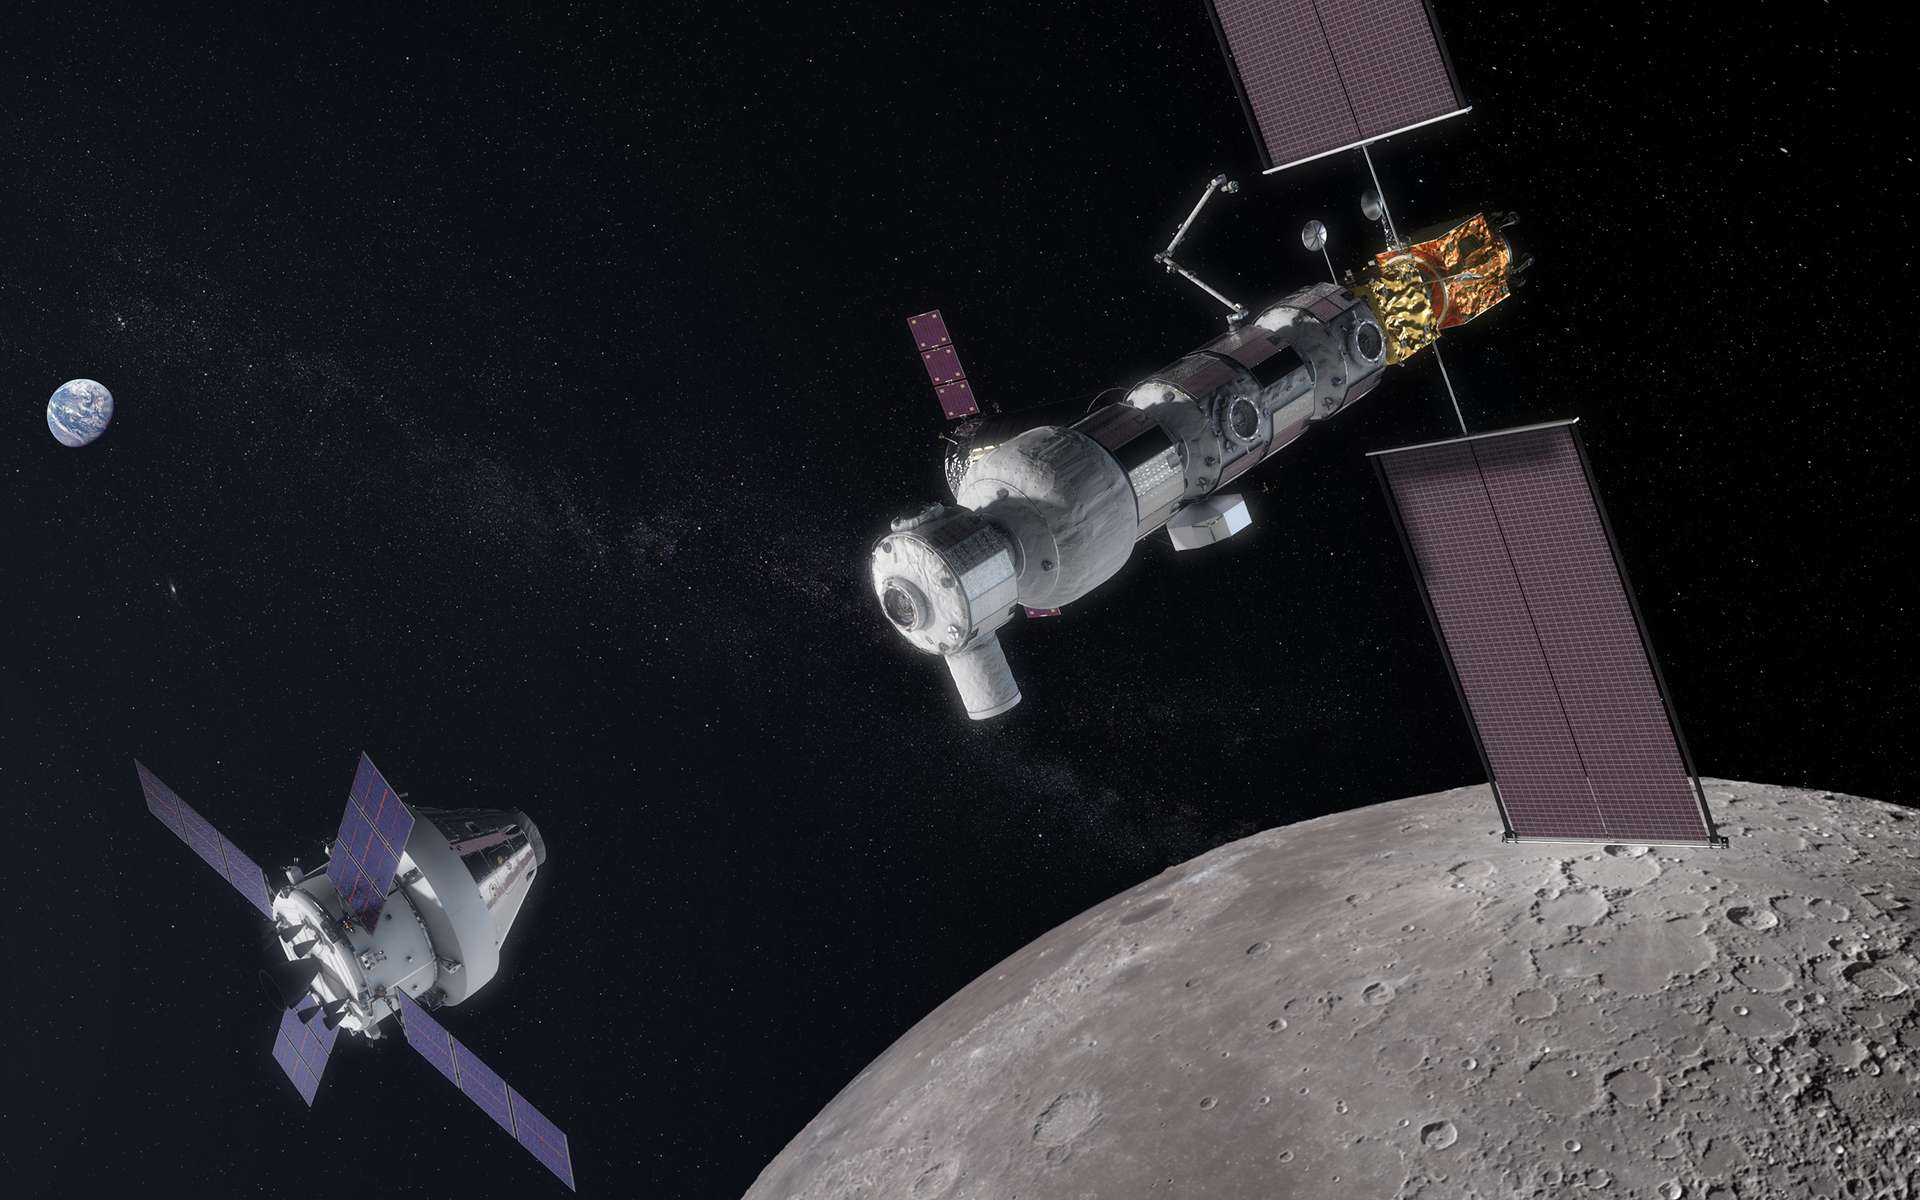 Vue d'artiste de la future station spatiale lunaire Gateway. Cet avant-poste de l'exploration humaine est un projet international dirigé par la Nasa, dont le premier élément sera lancé d'ici quelques années avec comme objectif une mise en service partiel d'ici 2024-2025. © Nasa